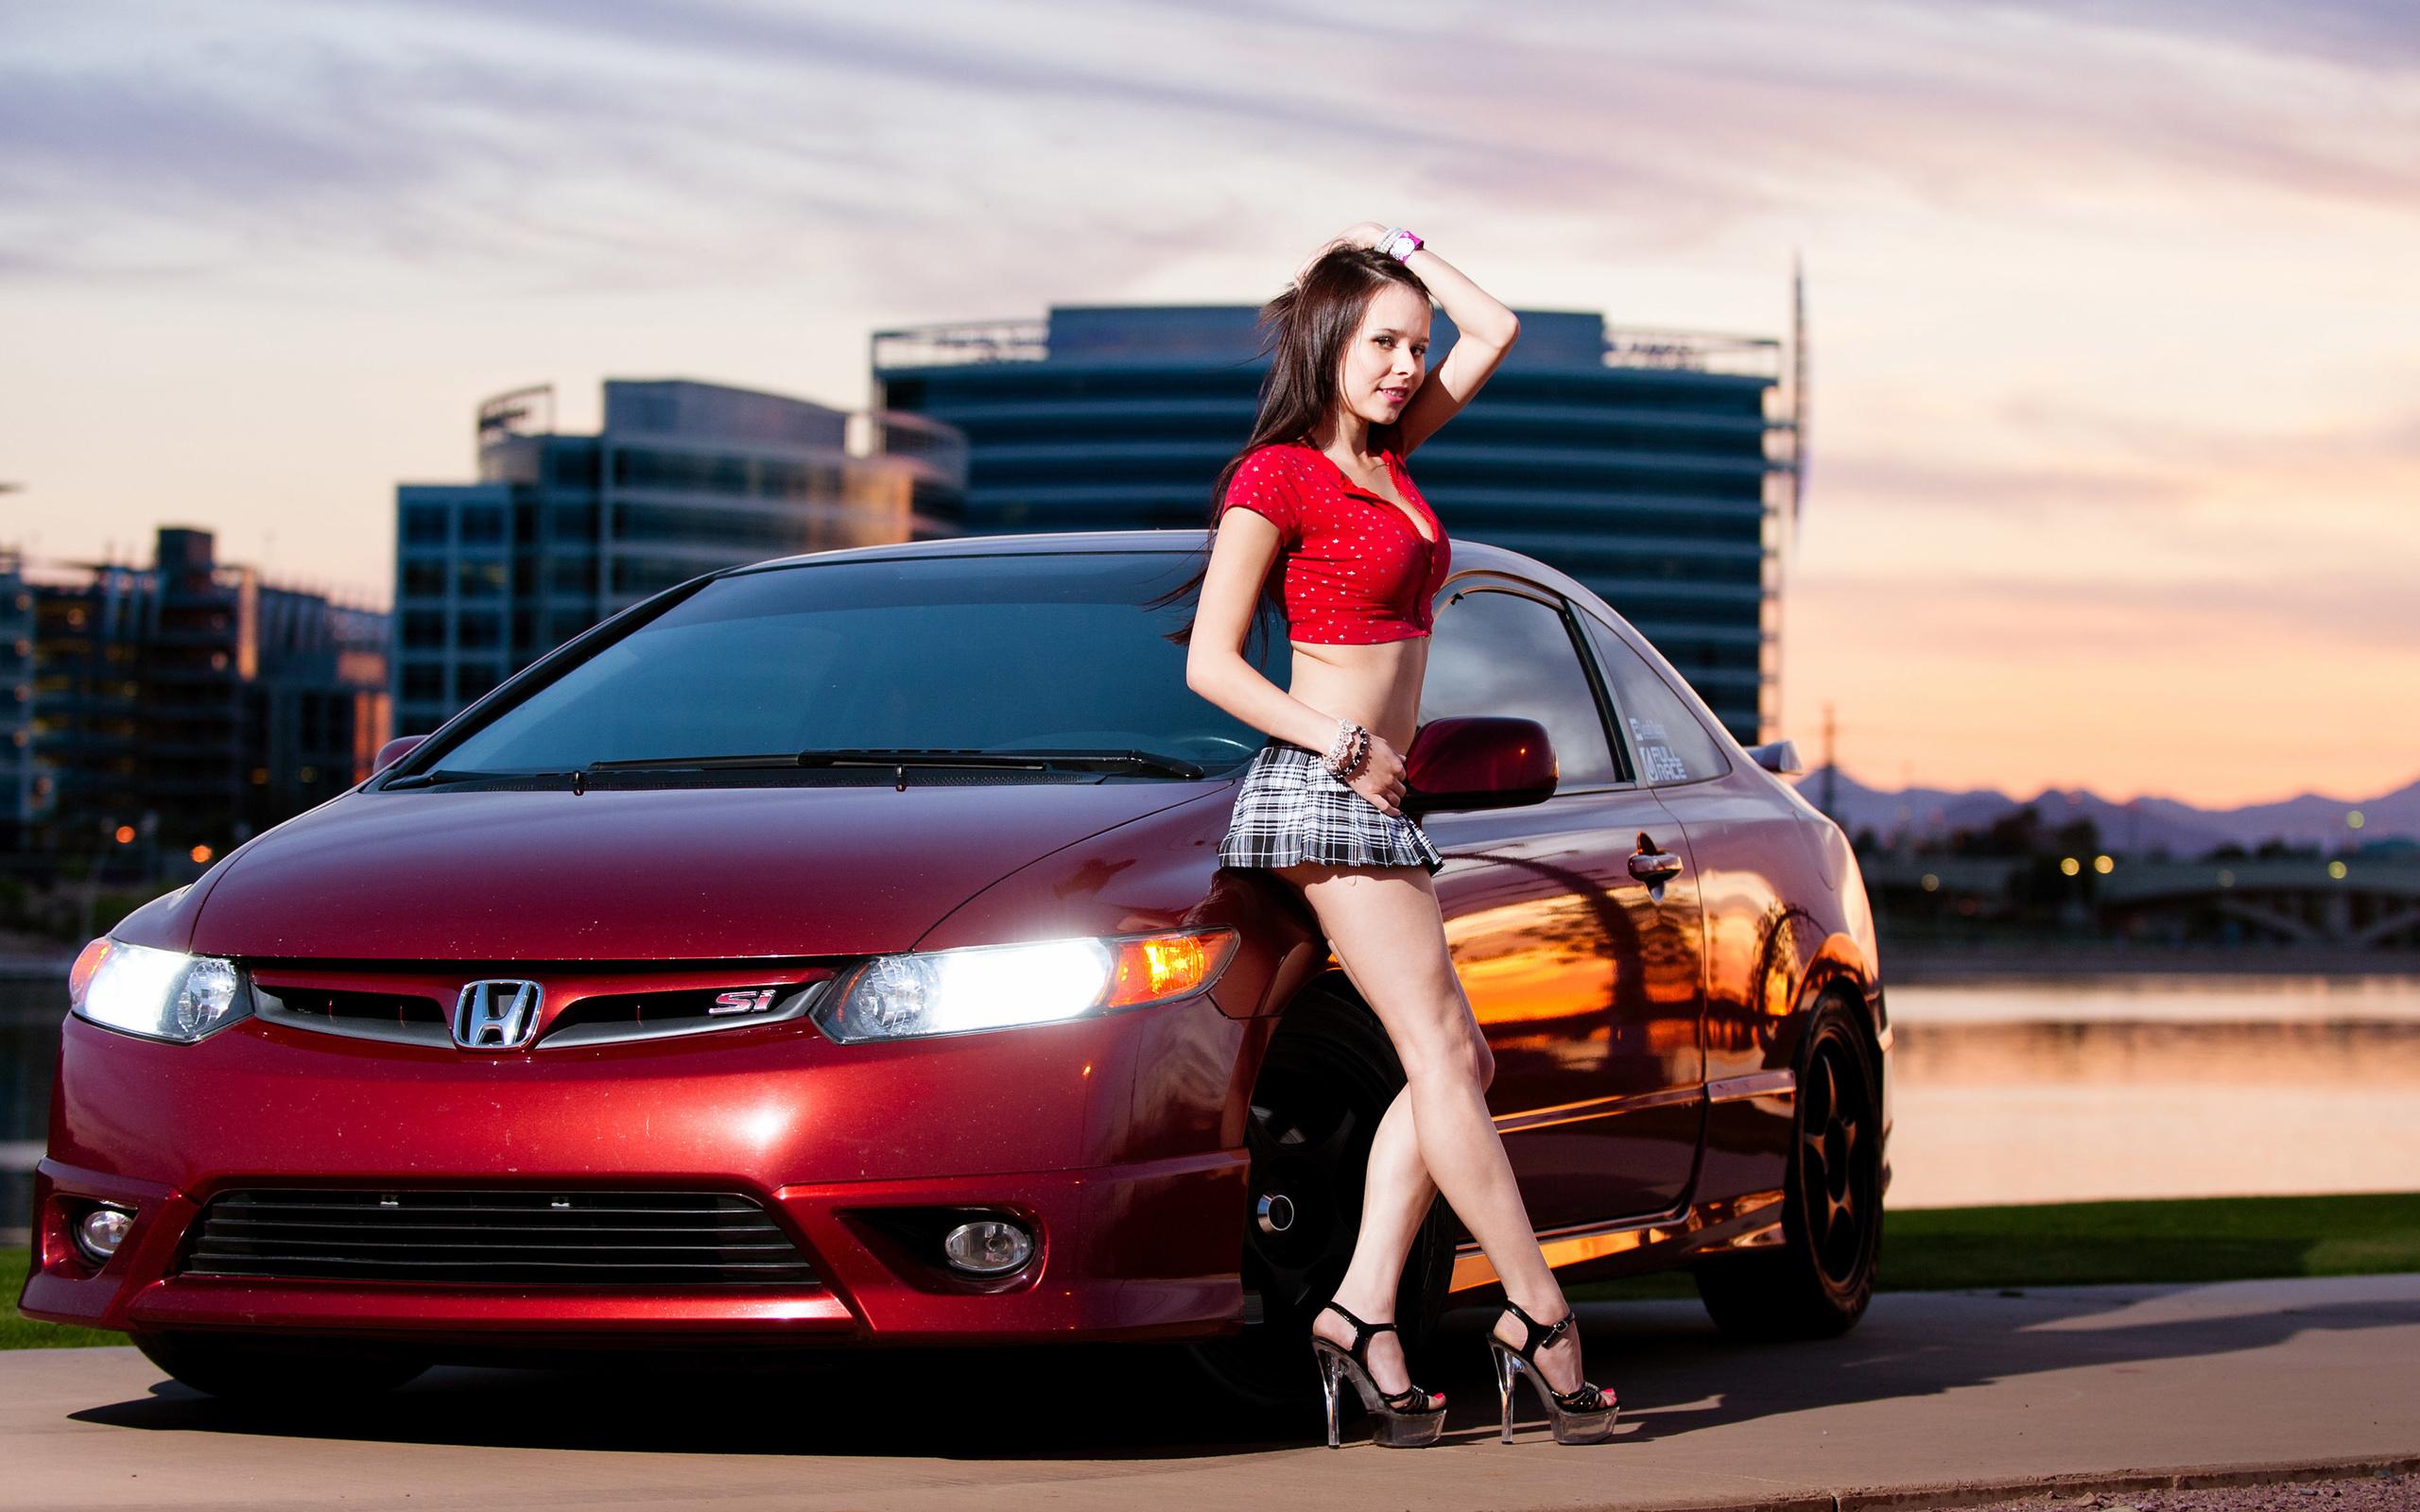 Красивая картинка девушка и автомобиль